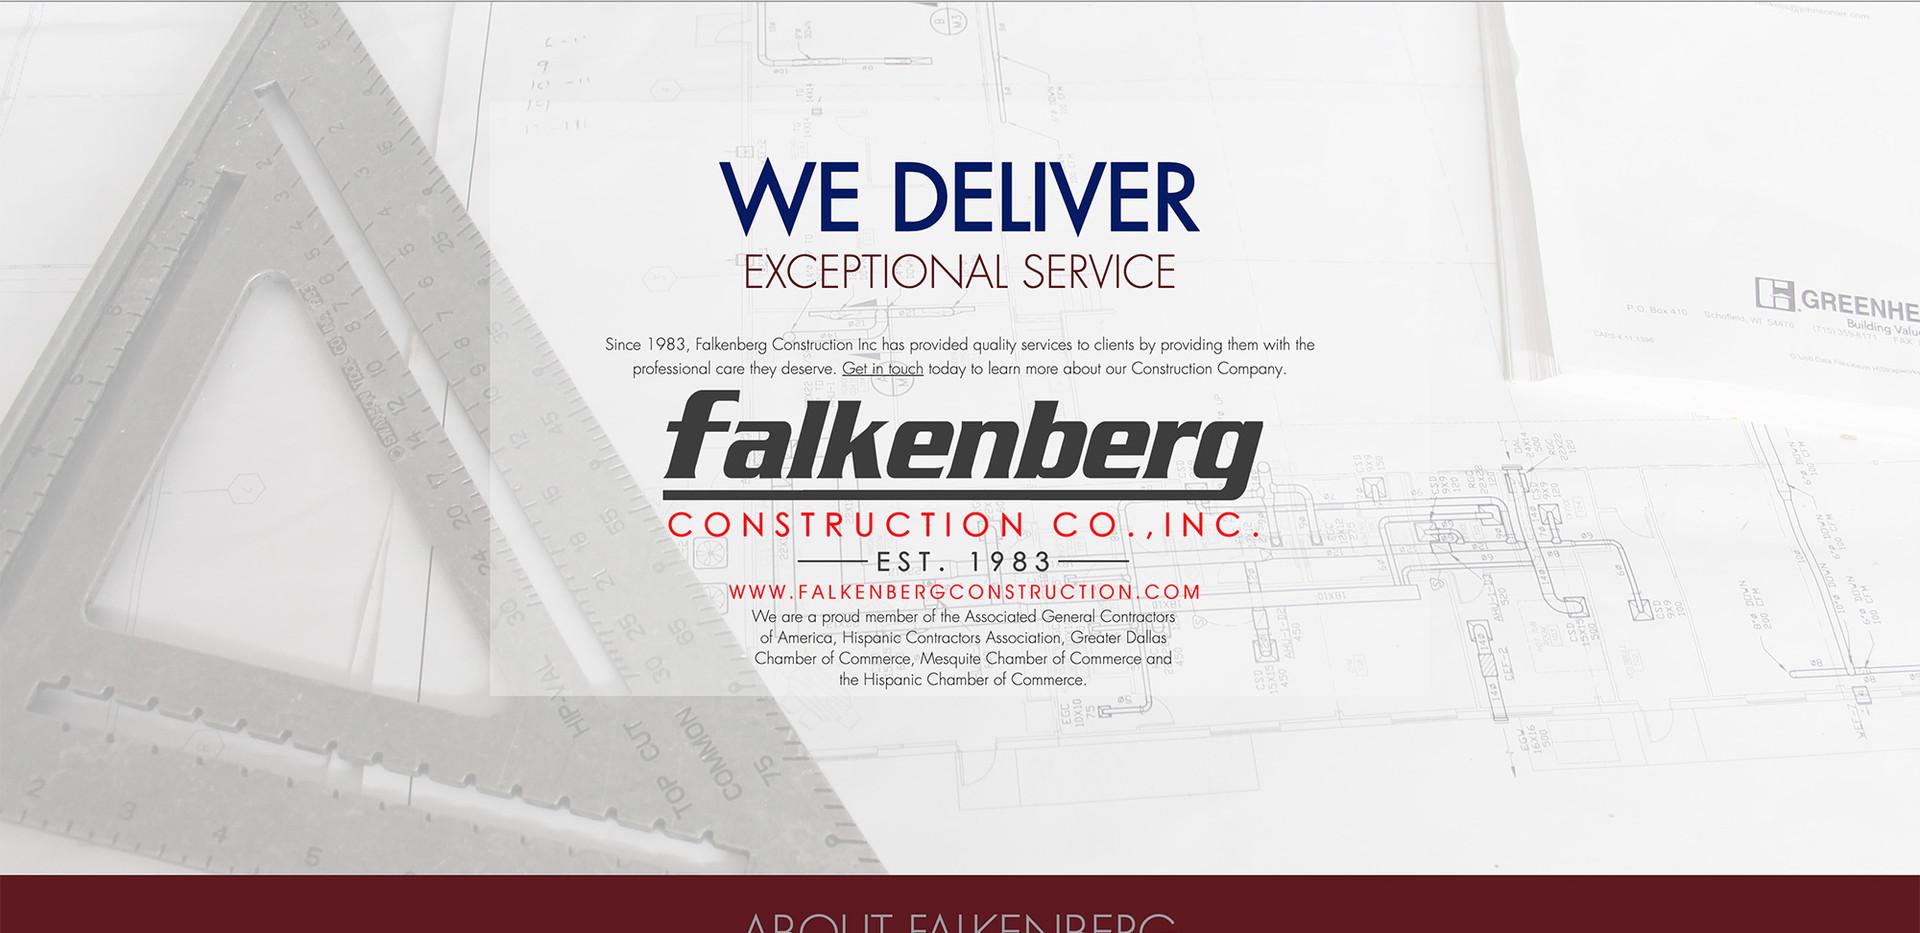 falkenberg_home.jpg